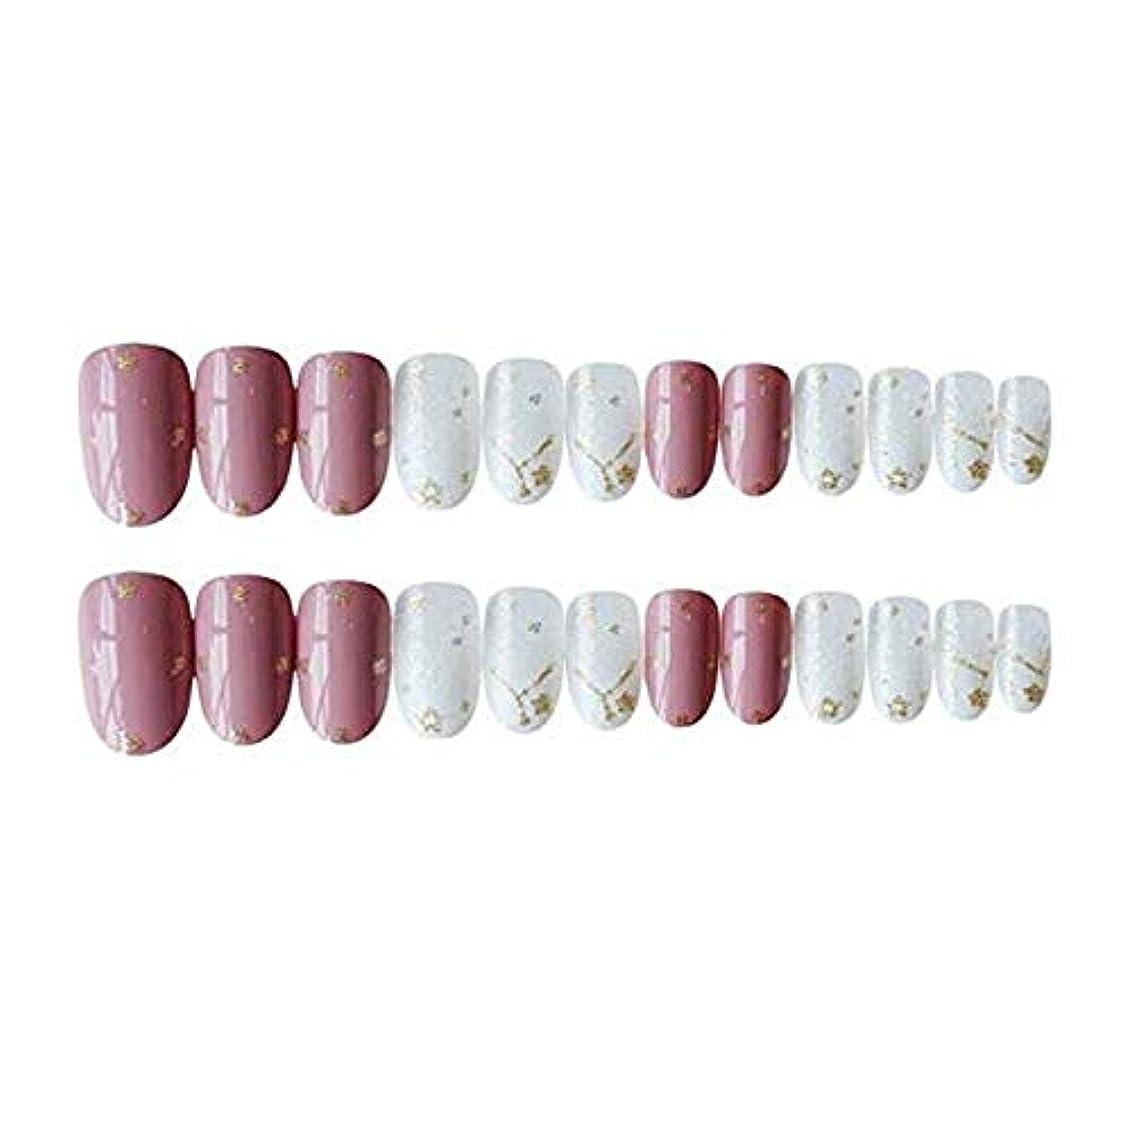 ピンク スター 金箔 中位の長さ ネイルチップ 夢幻 可愛い24枚 12サイズ